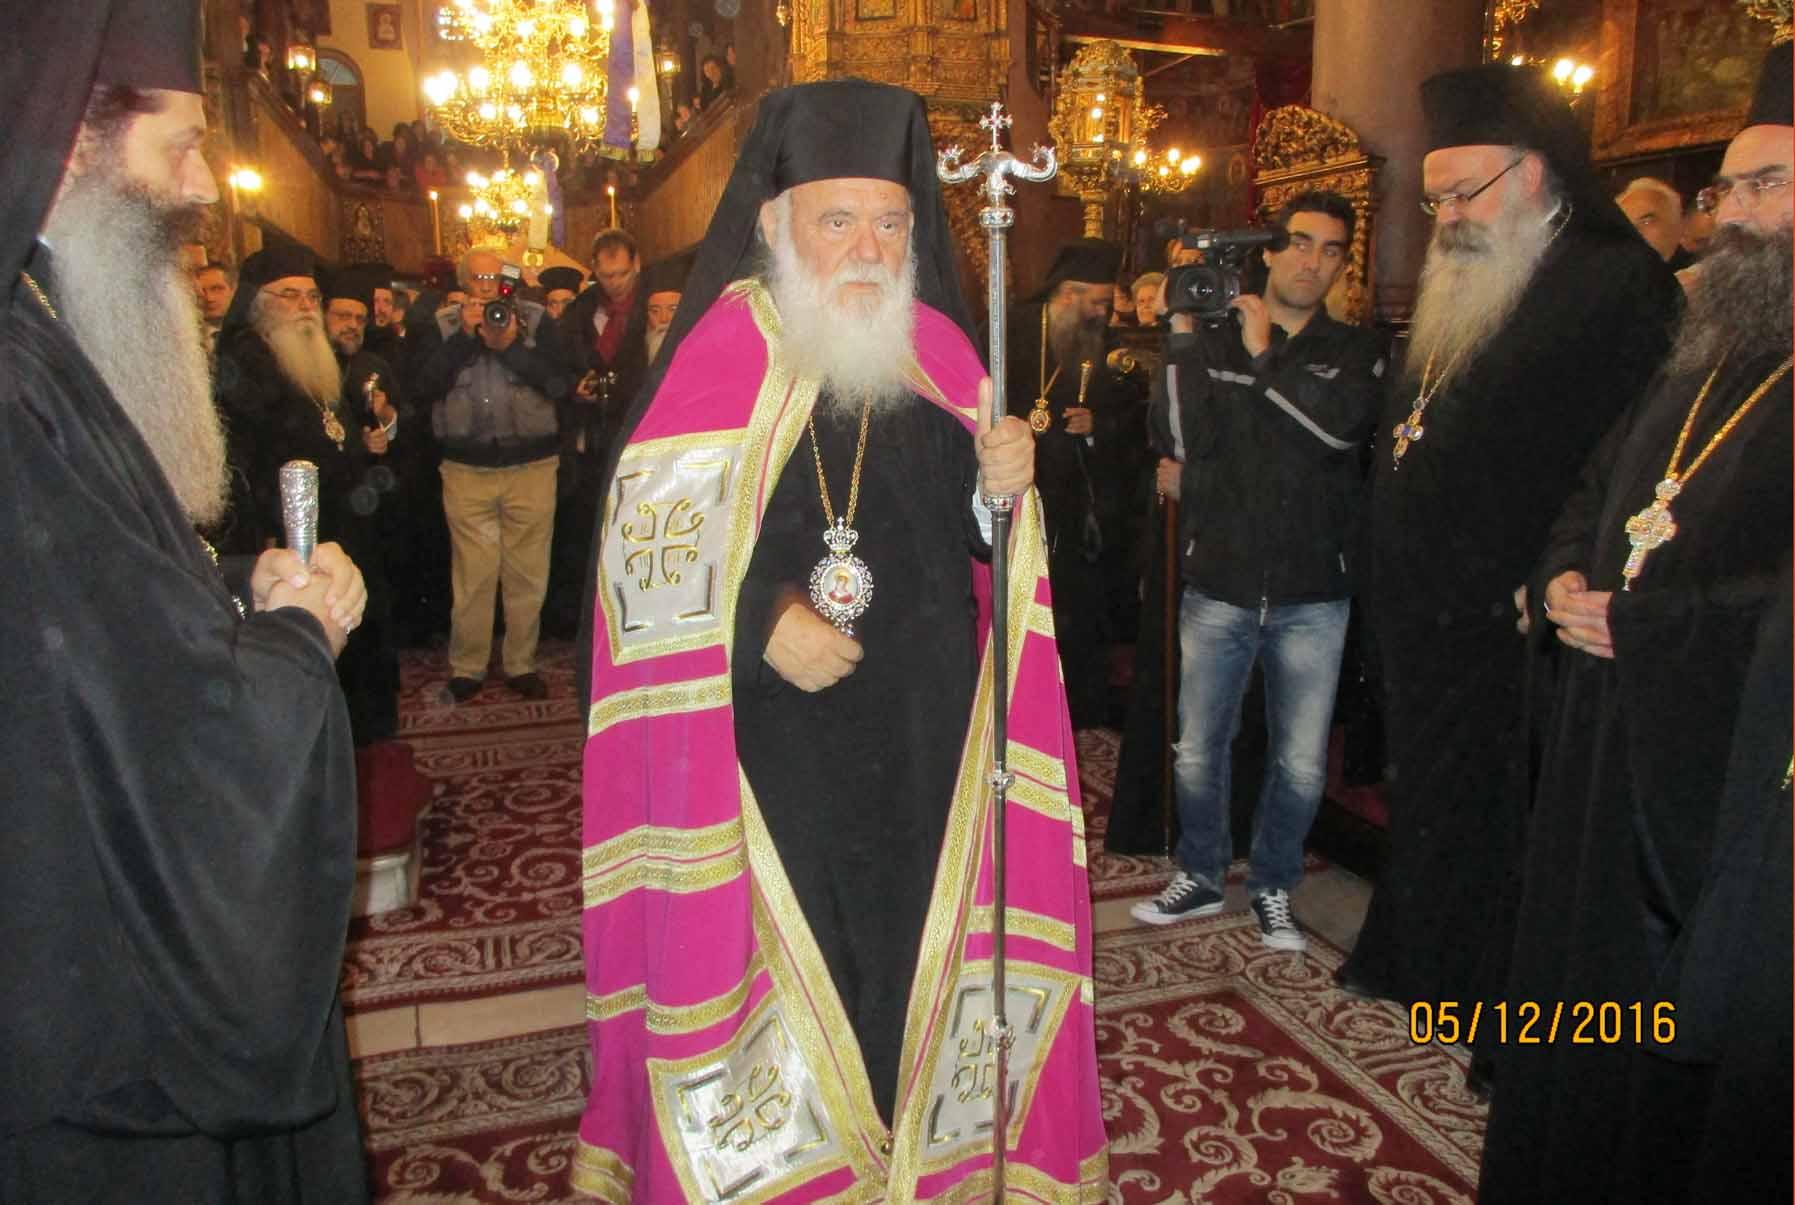 Εικόνα-σύμβολο πραότητας, καταλλαγής και ενότητας  η παρουσία του Αρχιεπισκόπου Ιερωνύμου του Β' στην Κοζάνη (του παπαδάσκαλου Κωνσταντίνου Ι. Κώστα)